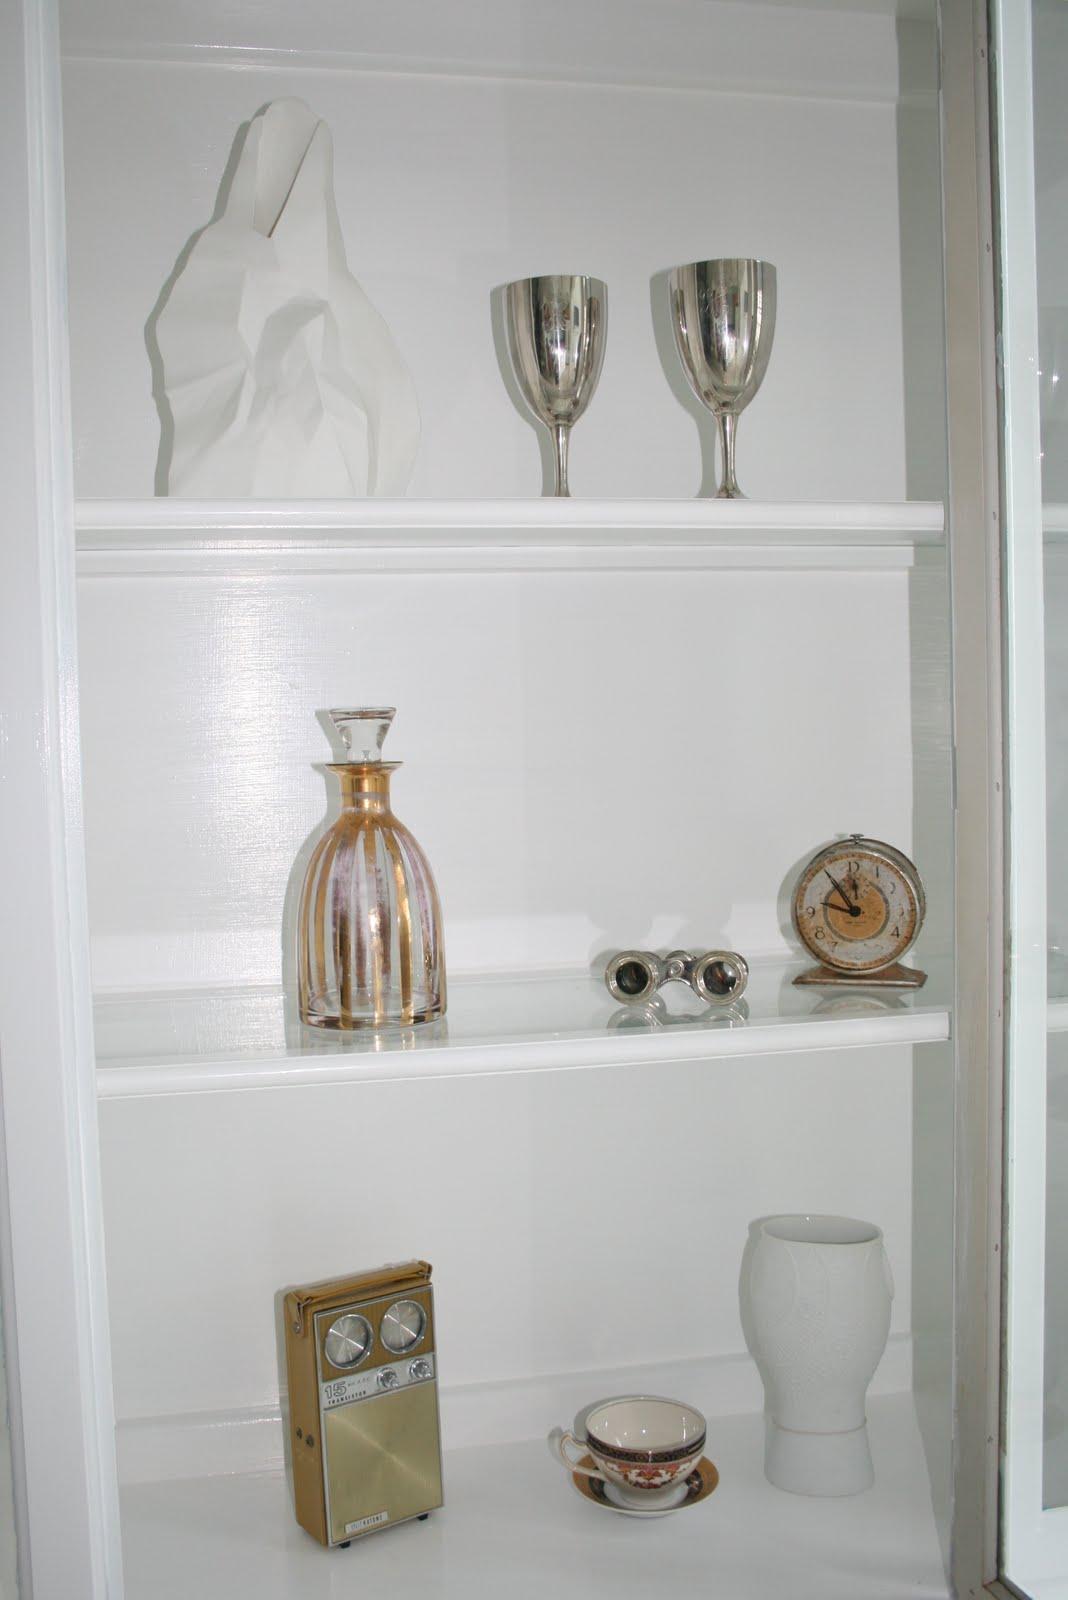 http://2.bp.blogspot.com/__wgTdCCrfeY/TBv5b91dOII/AAAAAAAAGNA/wC8LB2ZqzEw/s1600/Hendler+House+%26+Mouse+049.jpg